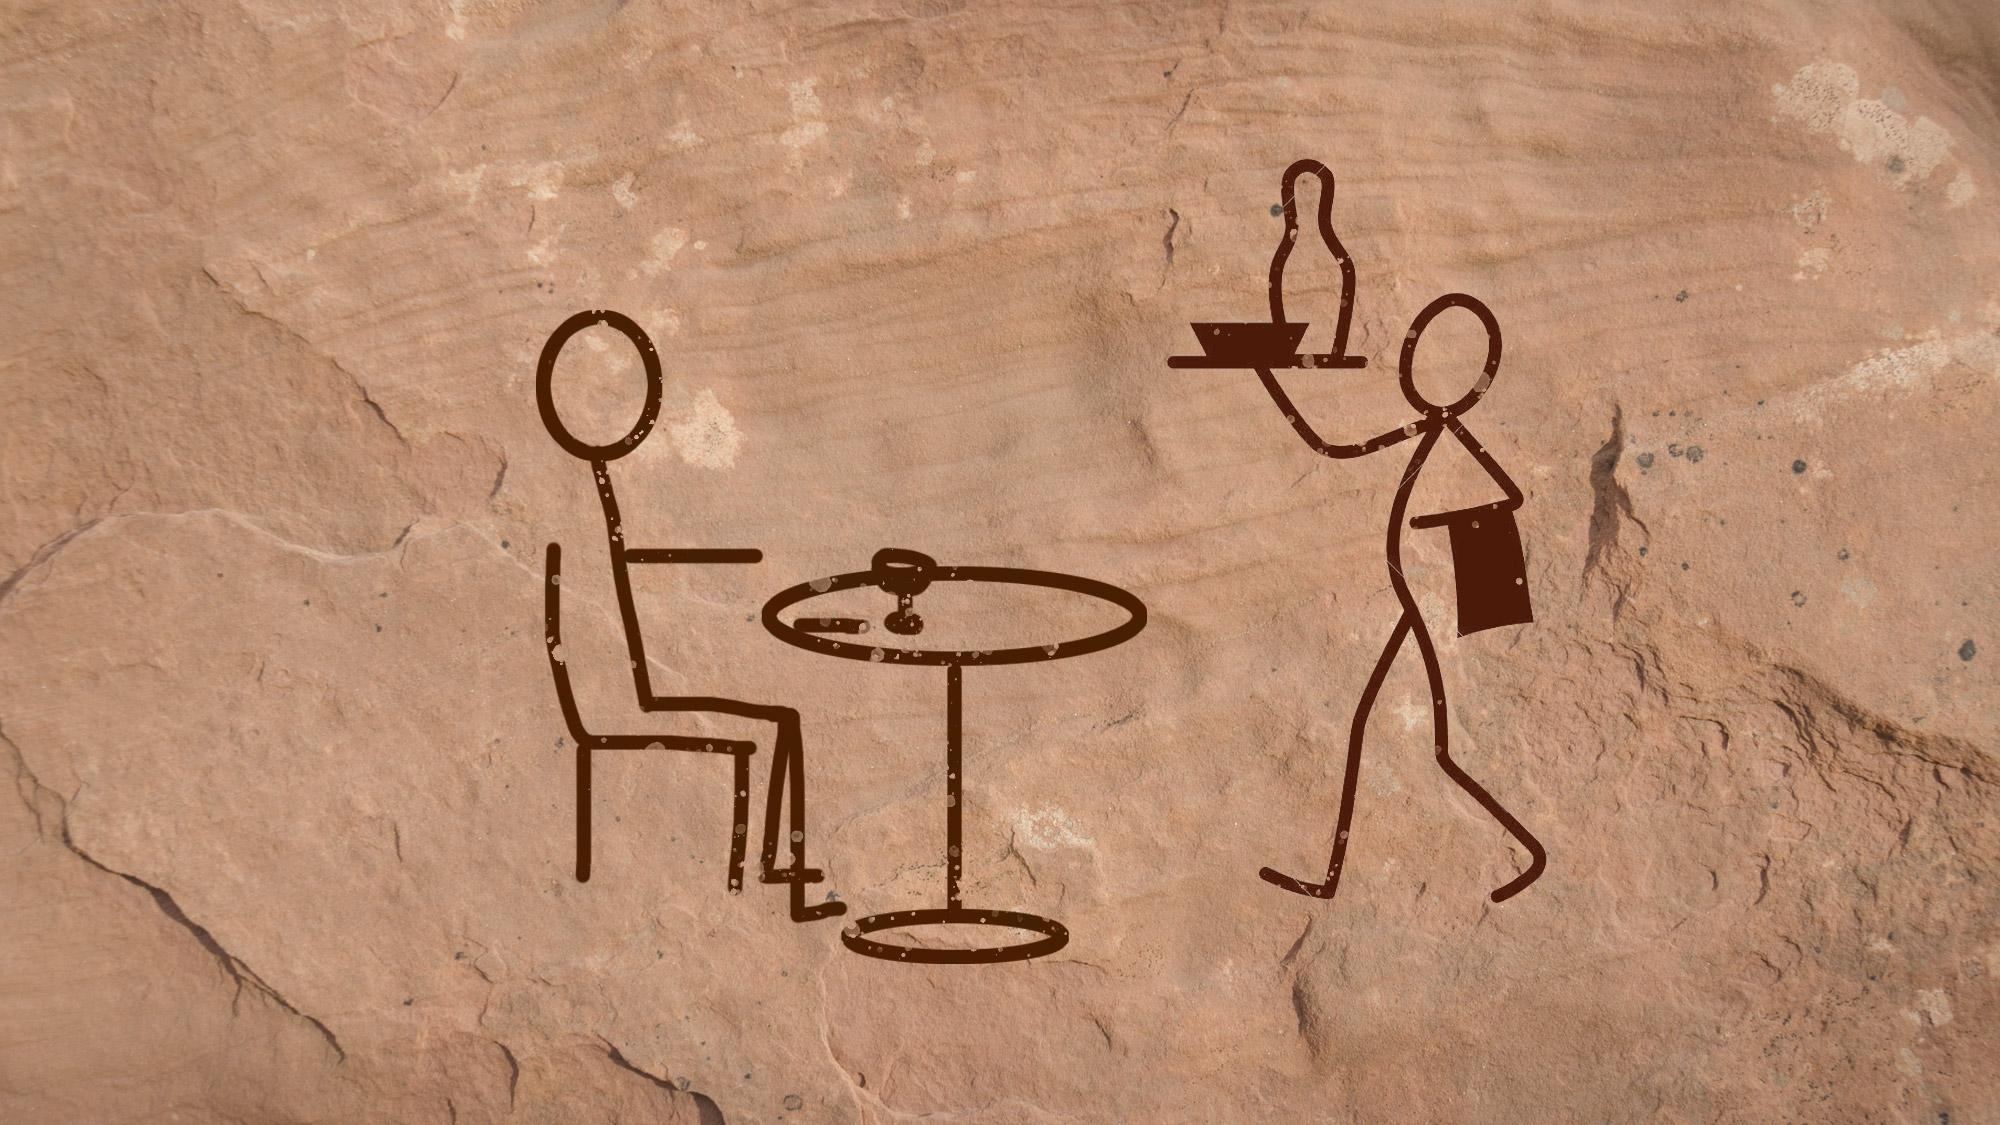 Arch-ologische-Sensation-H-hlenmalerei-zeigt-antike-Form-gemeinsamer-Nahrungszufuhr